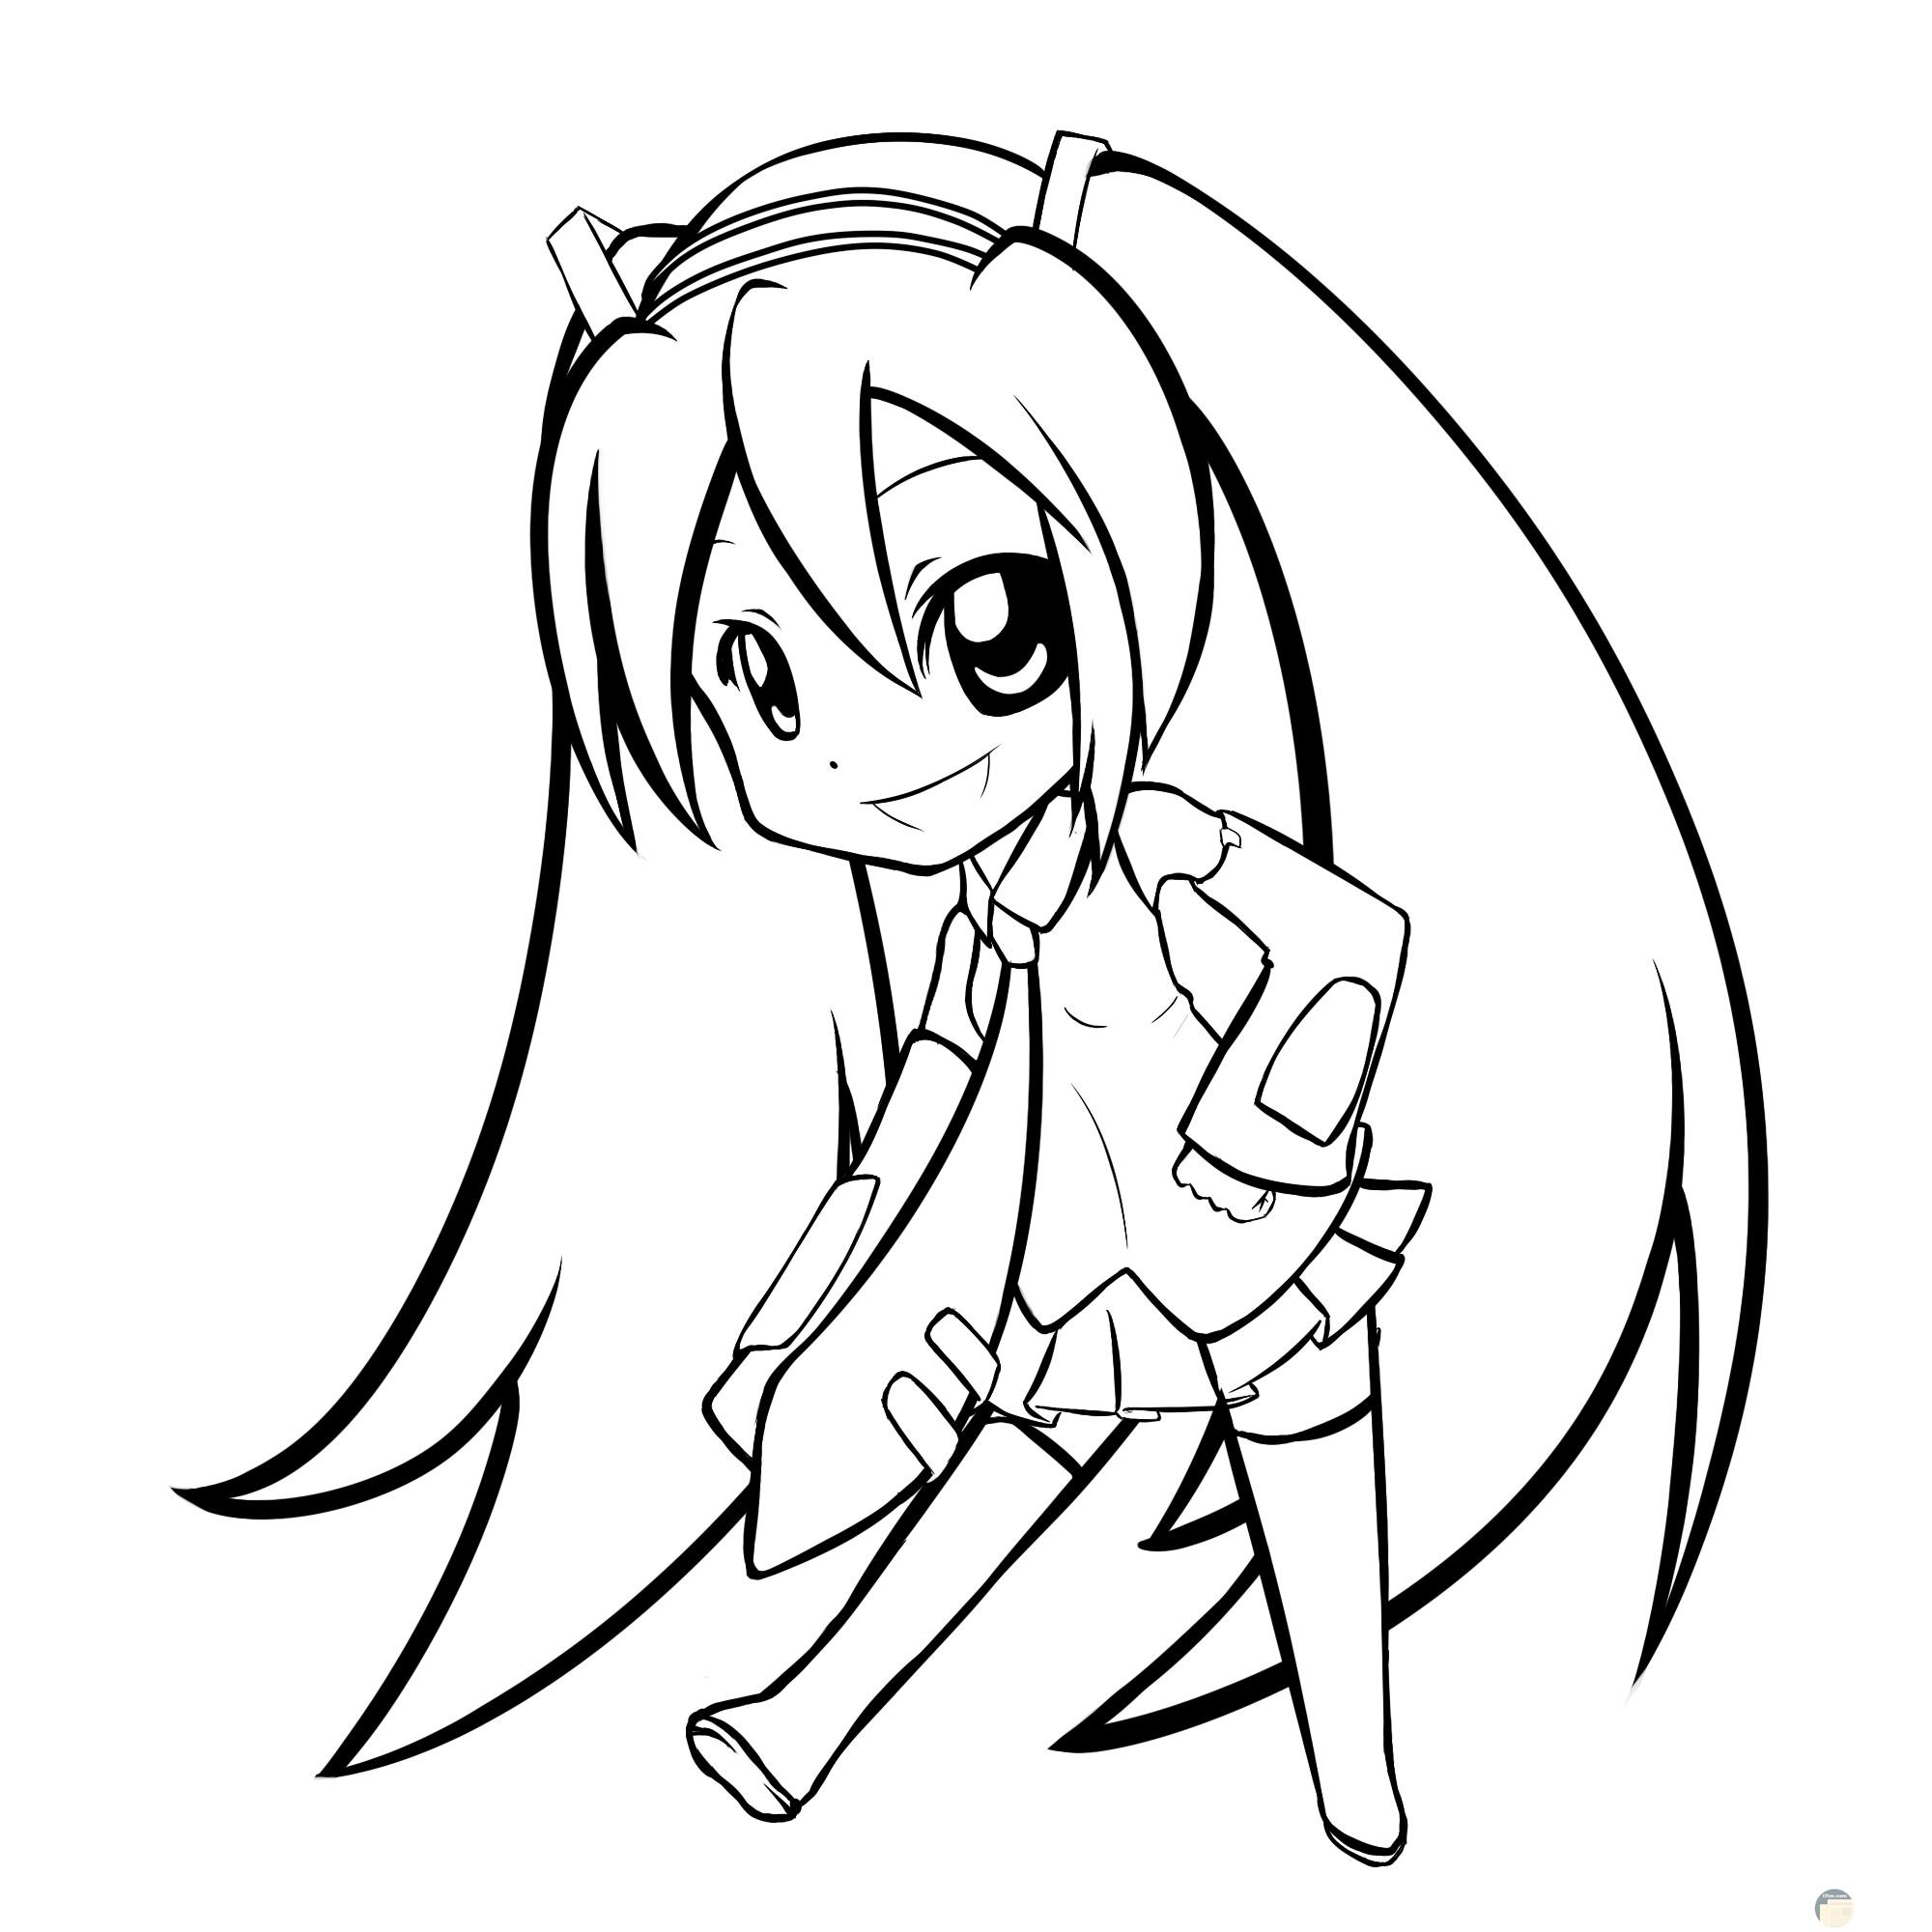 فتاة بشعر طويل للتلوين.